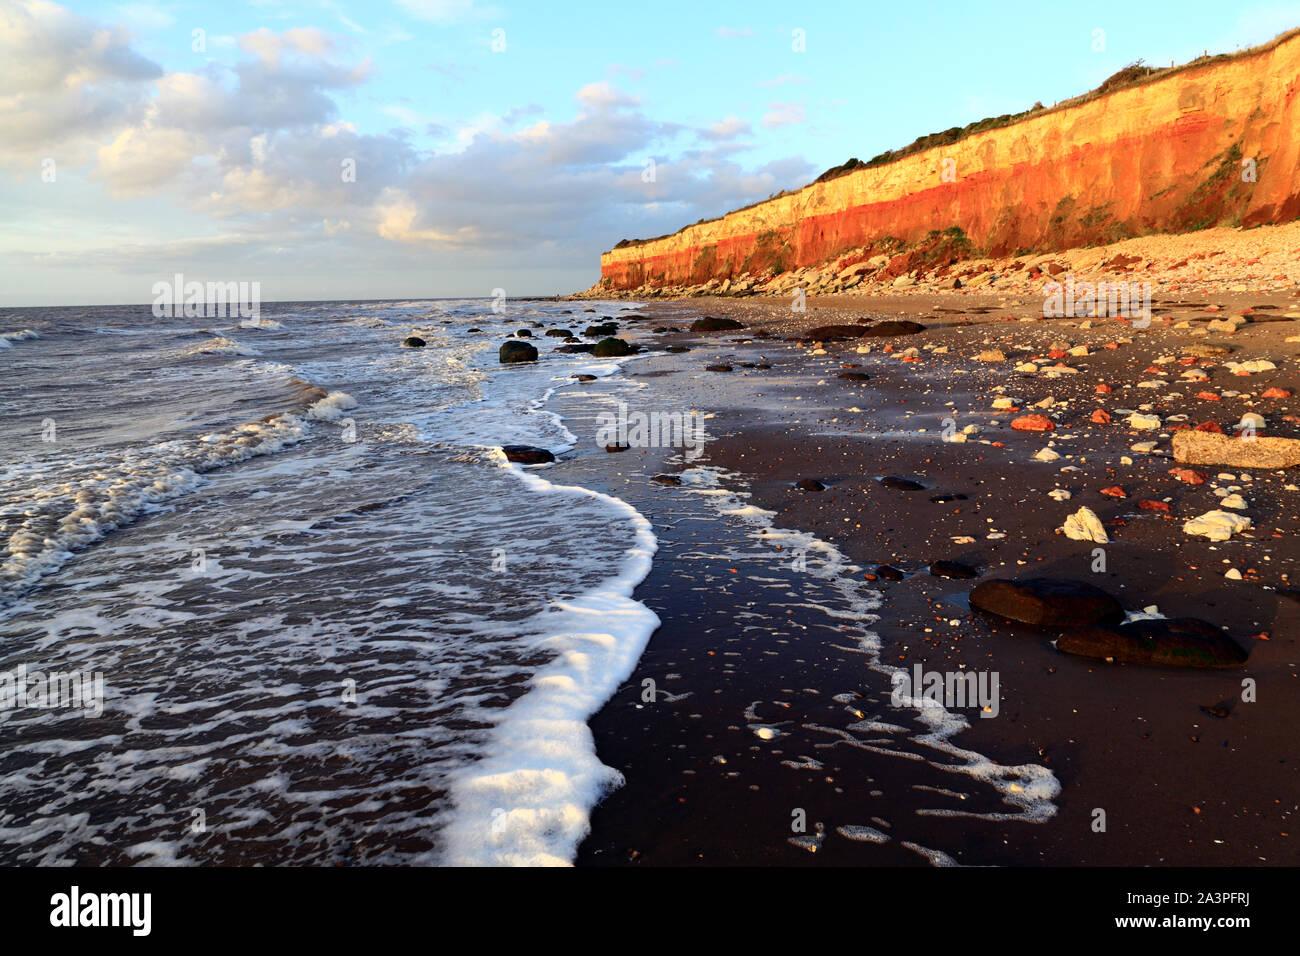 Old Hunstanton, rayados de acantilados, la playa, el lavado, el Mar del Norte, Norfolk, Inglaterra. Foto de stock